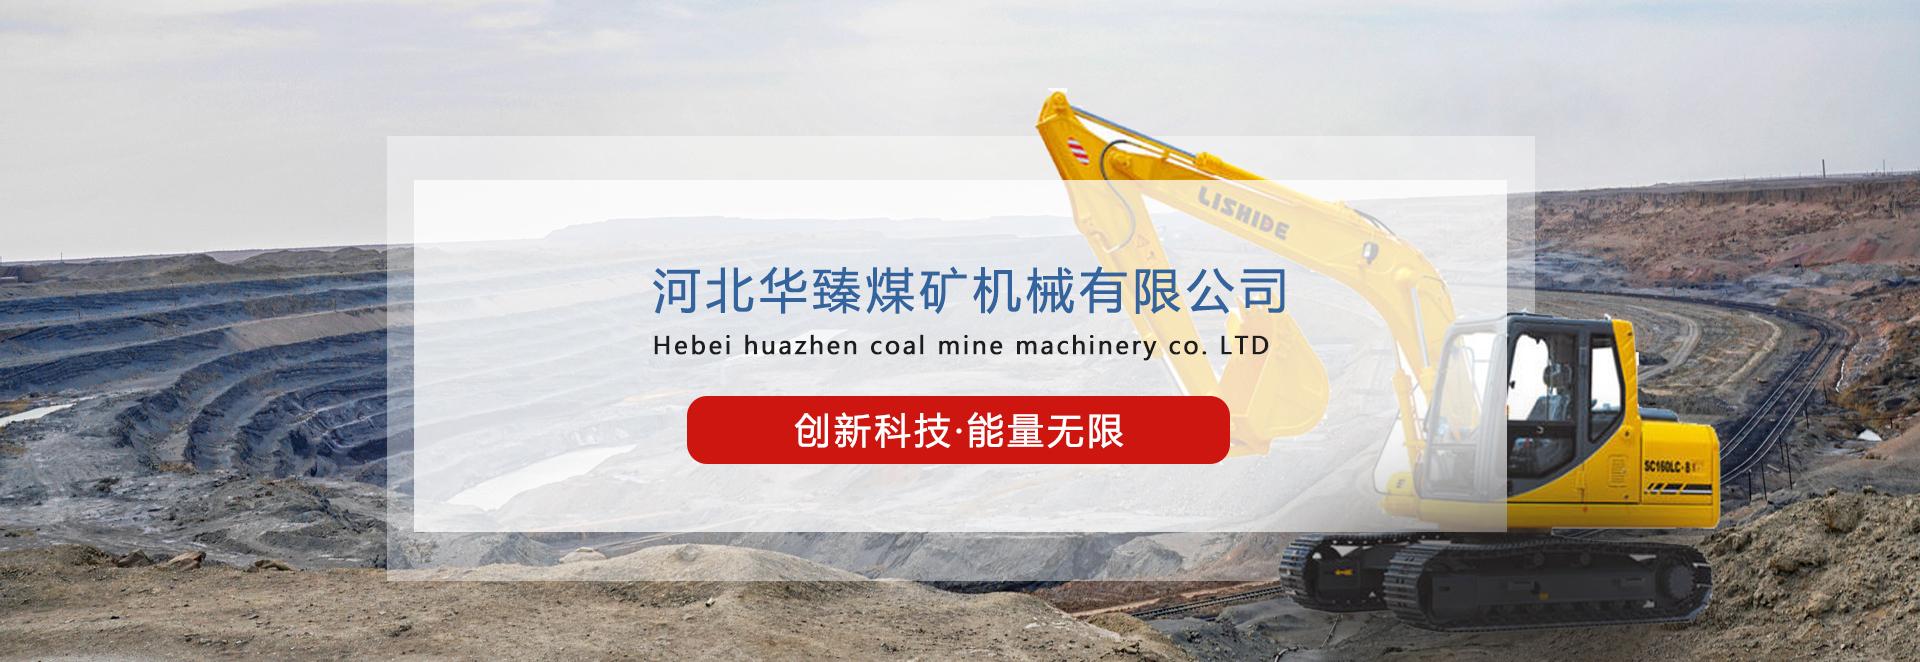 煤矿用液压掘进钻车